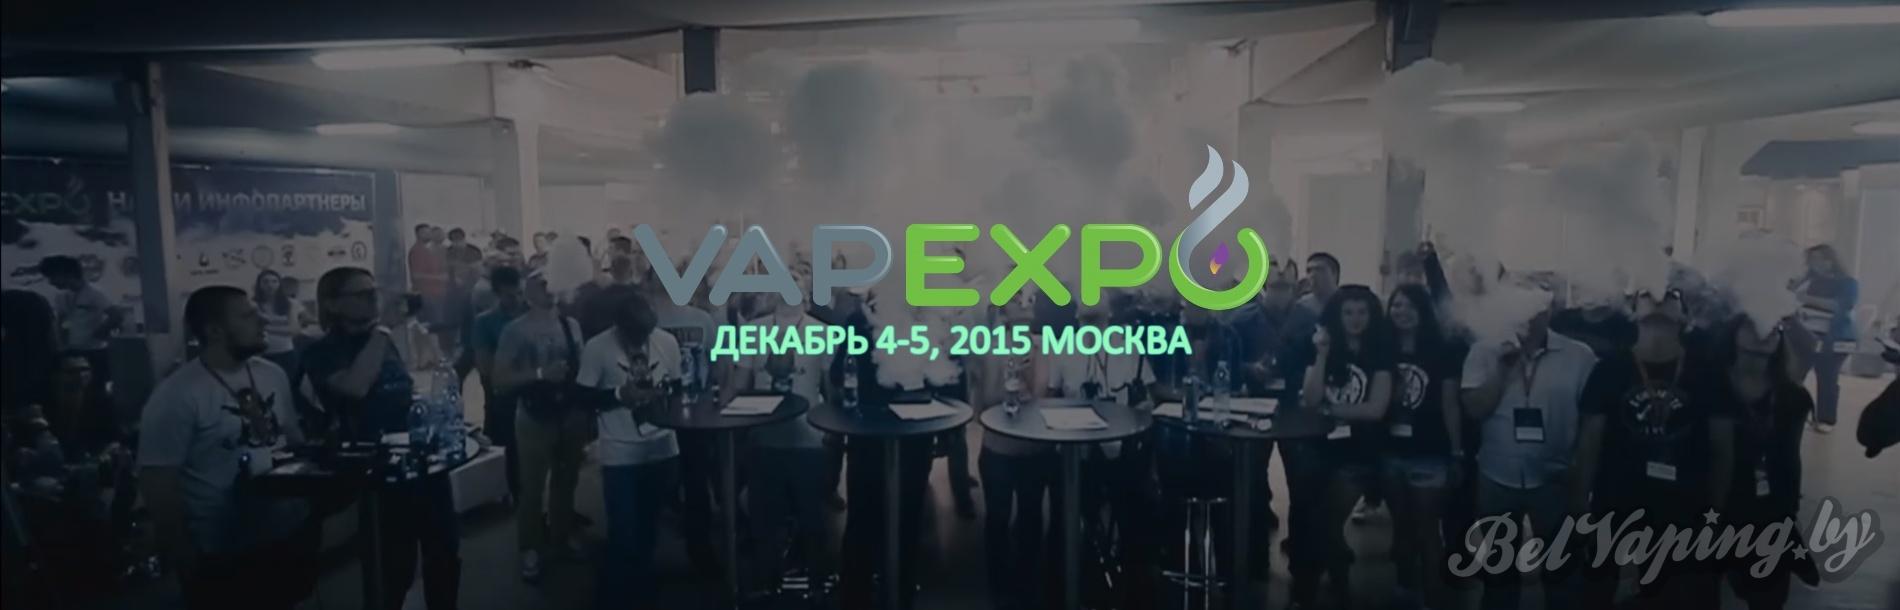 VAPEXPO 4–5 декабря в Москве